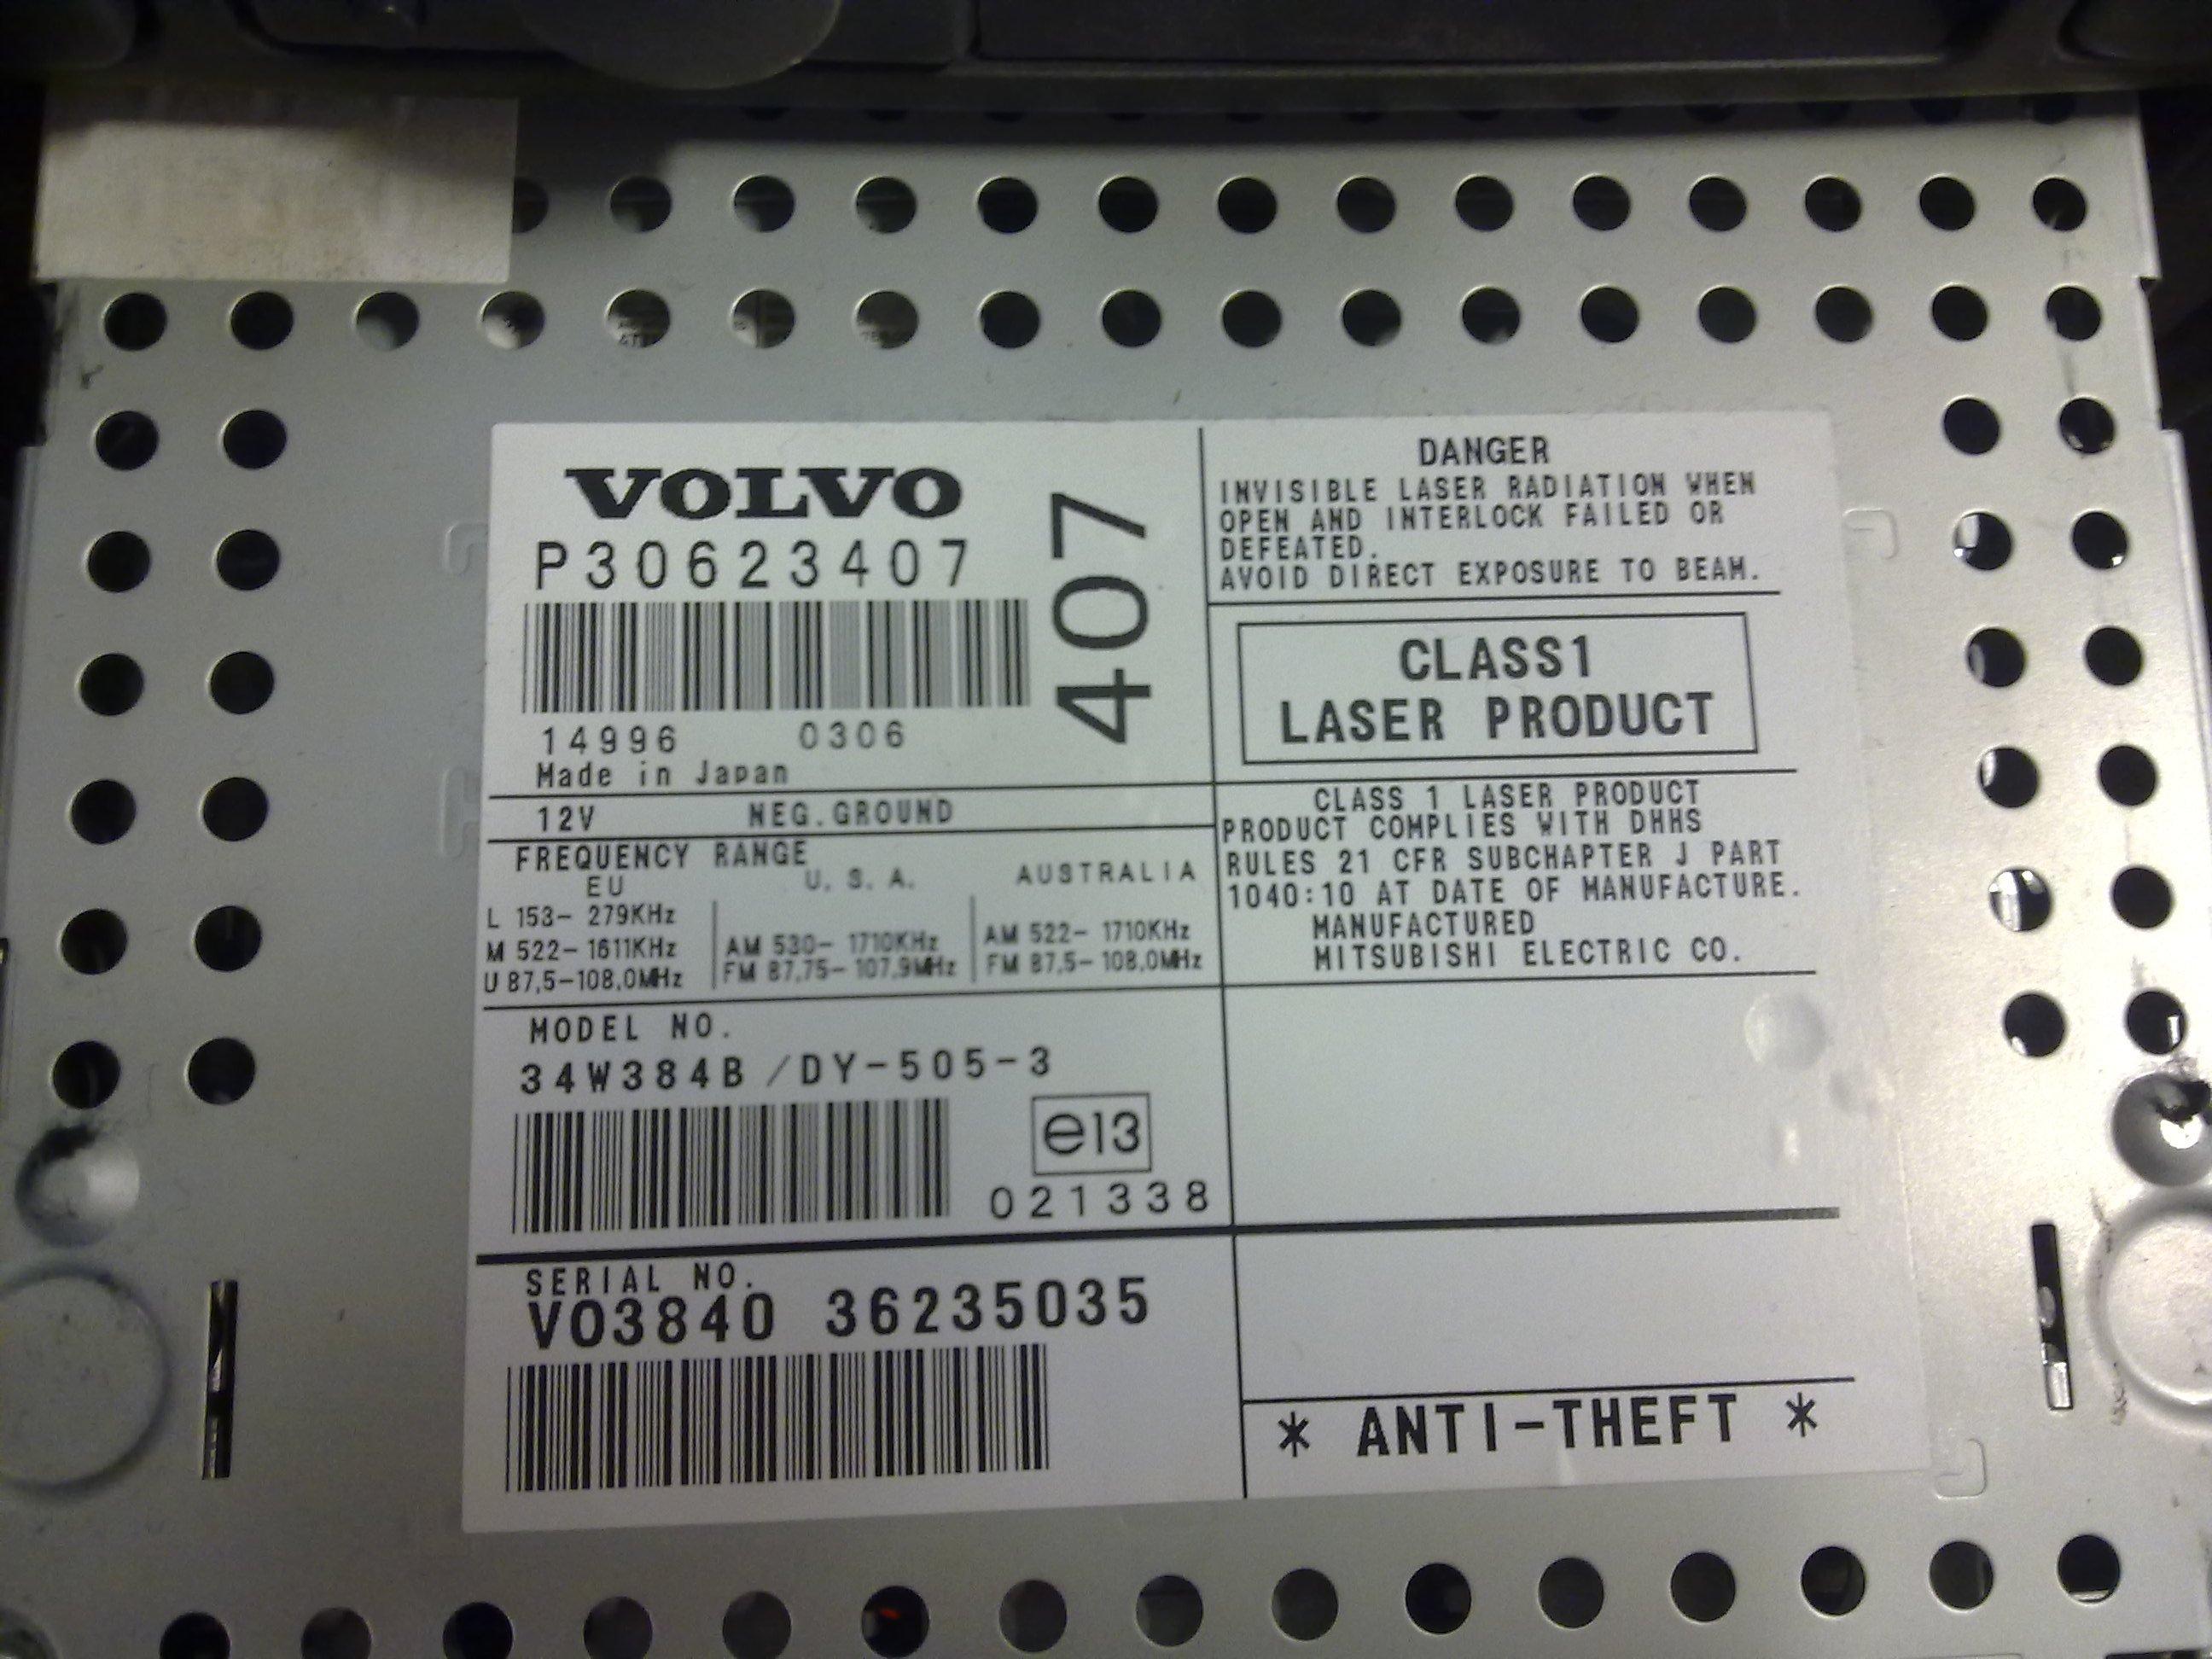 Volvo VIN